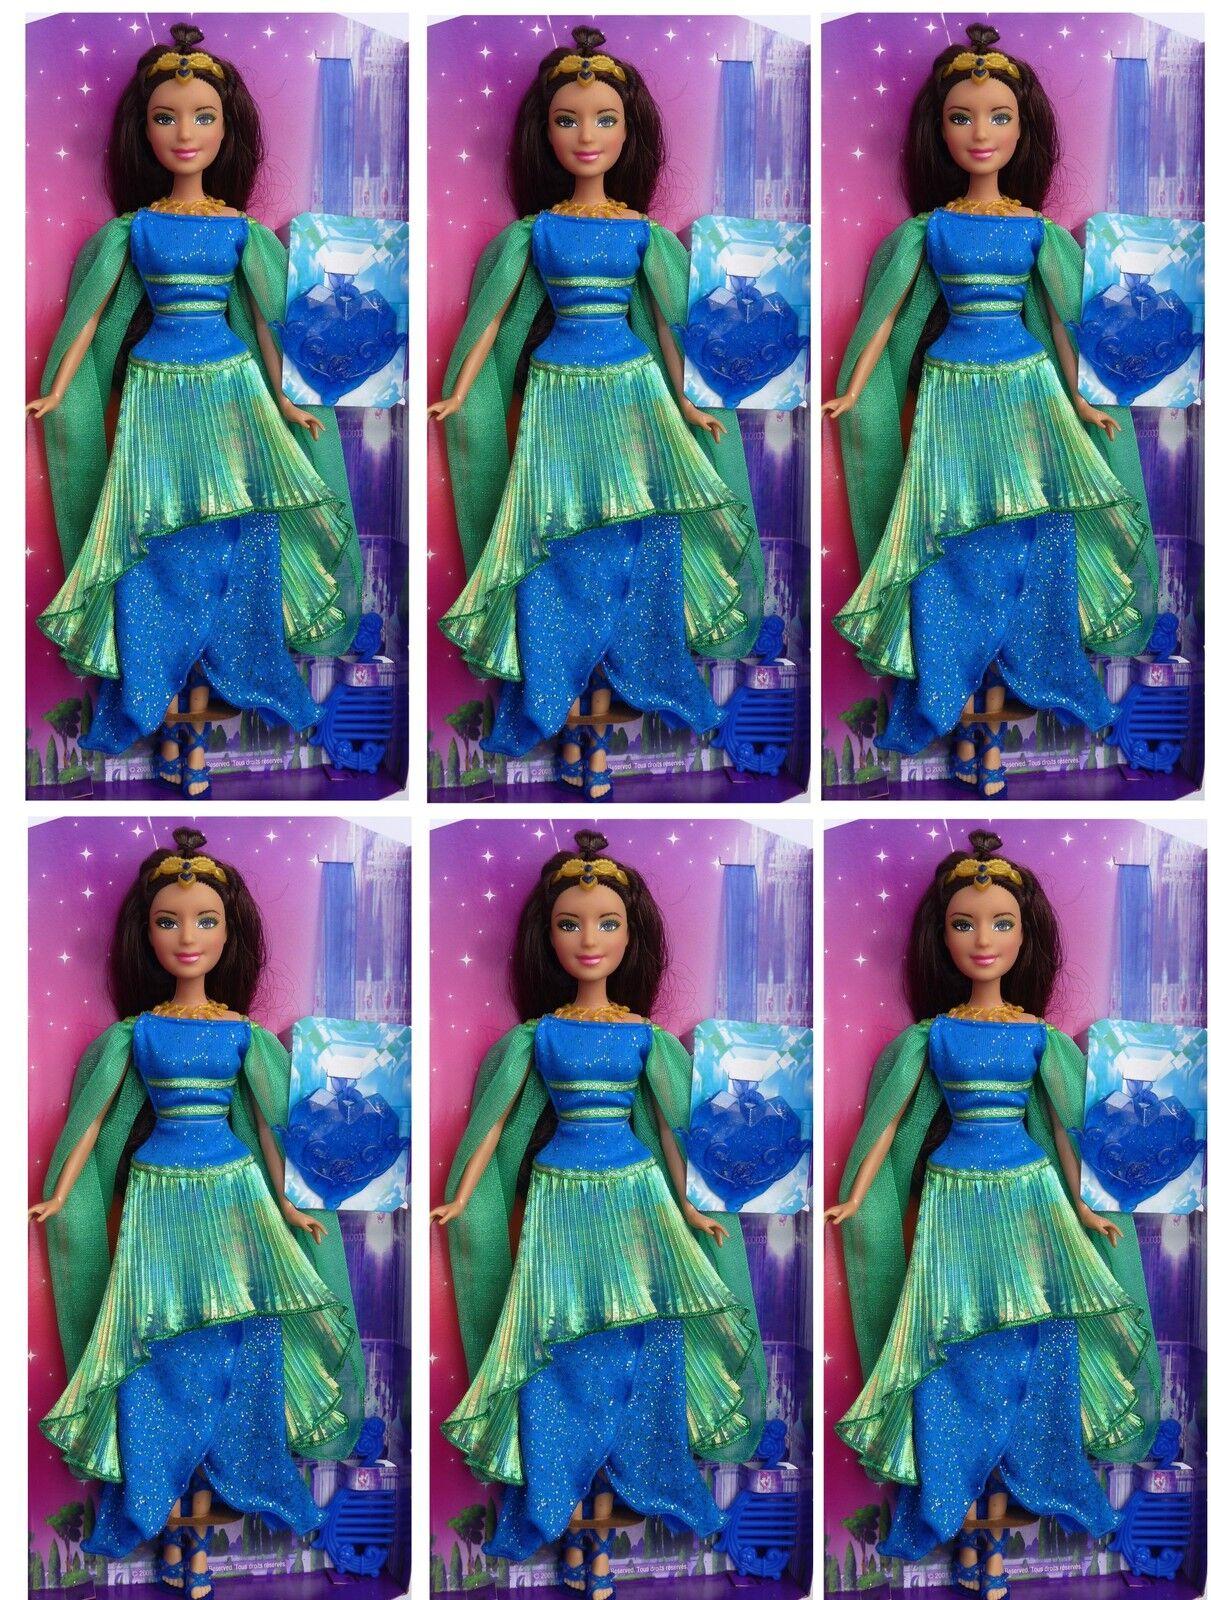 6 x Barbie Mattel Puppe mint blaues Ballkleid als Mitgebsel für Mädchen Party